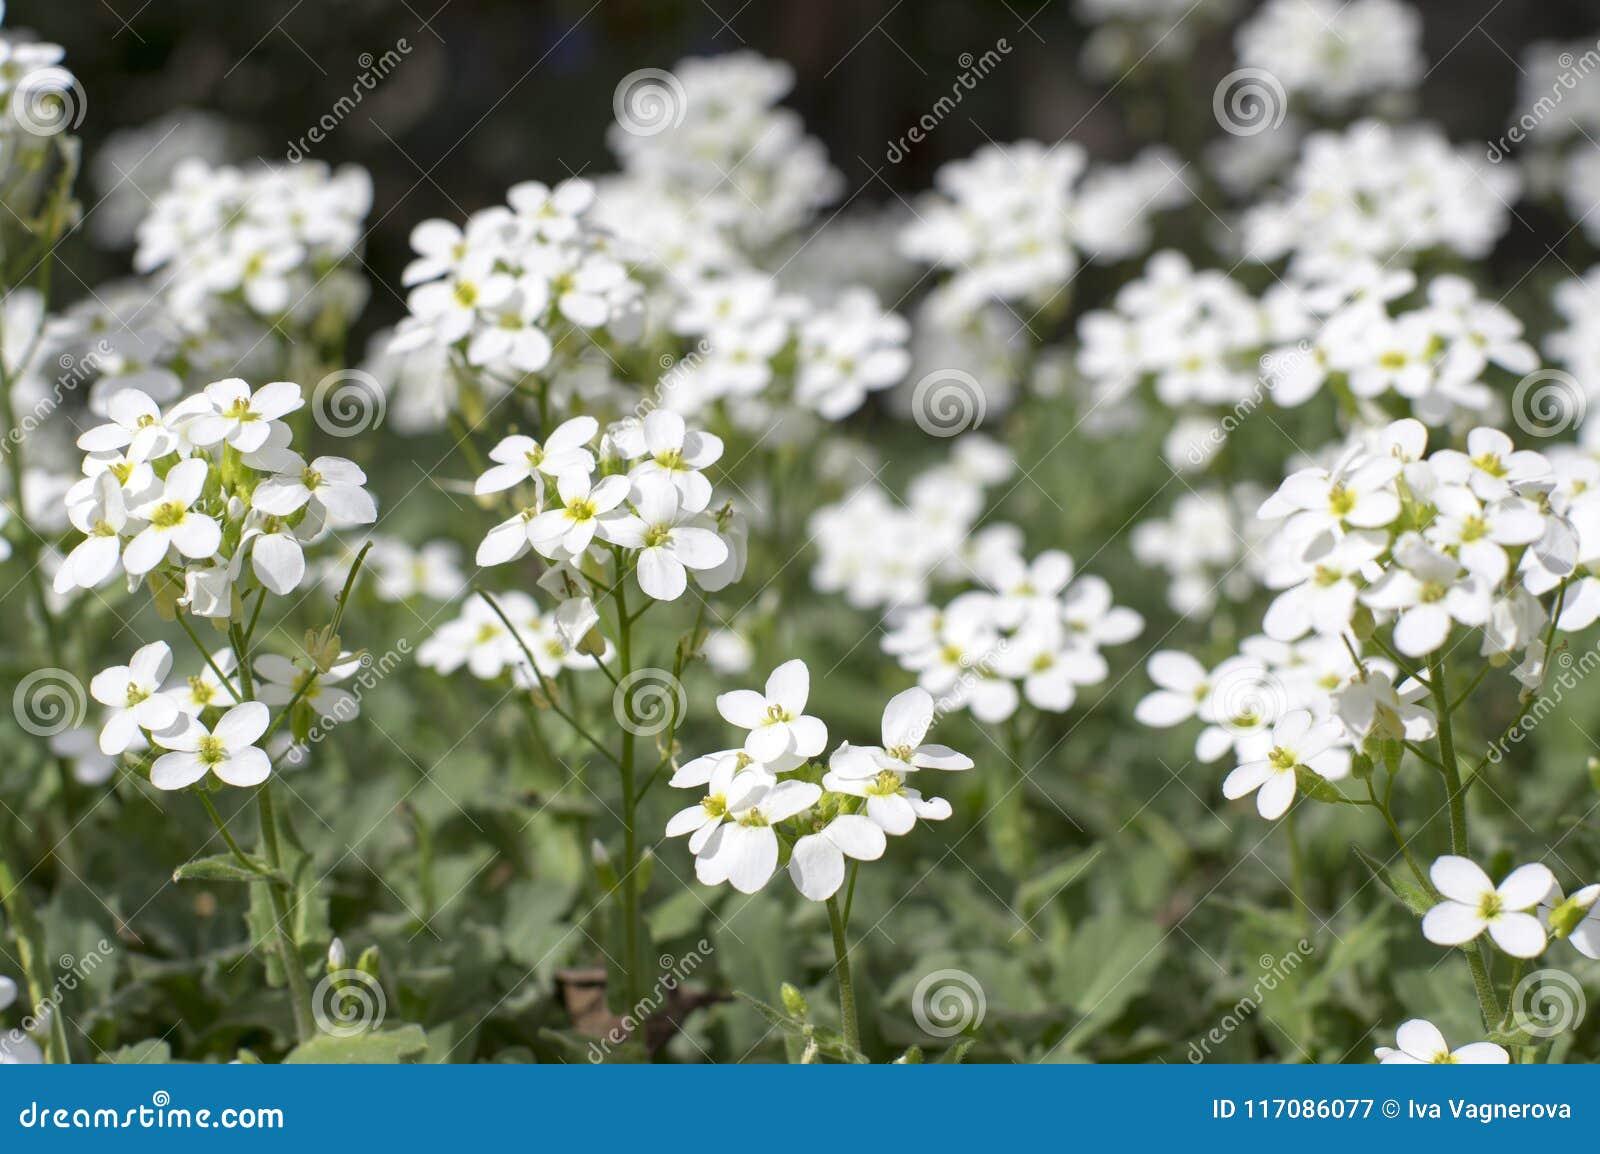 Fiori Da Giardino In Montagna fiori bianchi del giardino ornamentale di caucasica del